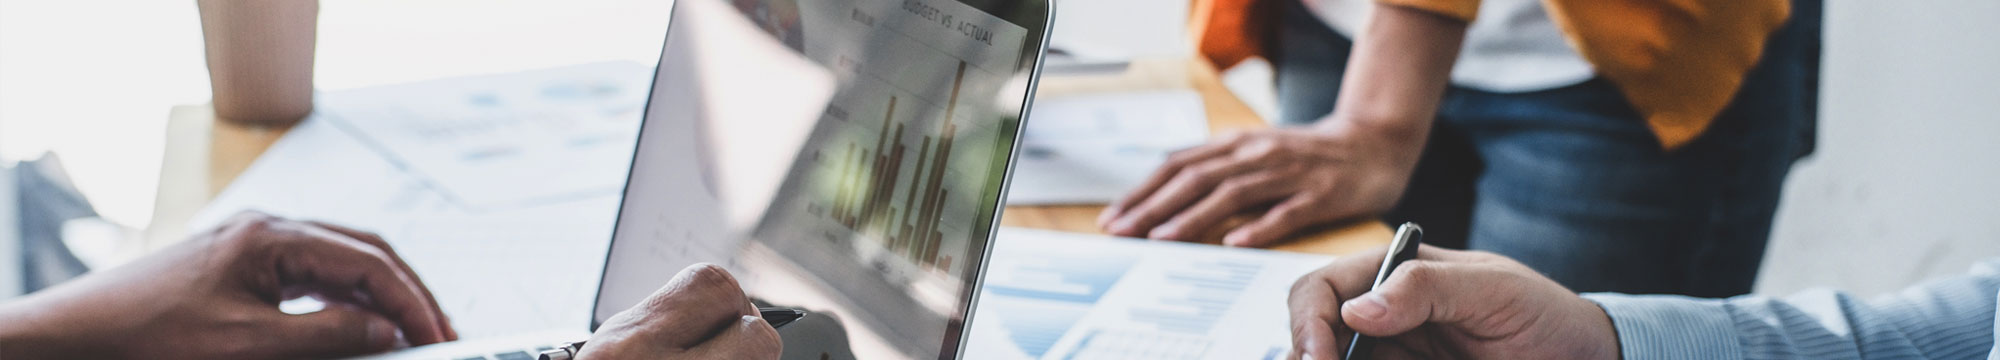 Mesures derivades de la fi de l'estat d'alarma en els àmbits laboral, fiscal i mercantil